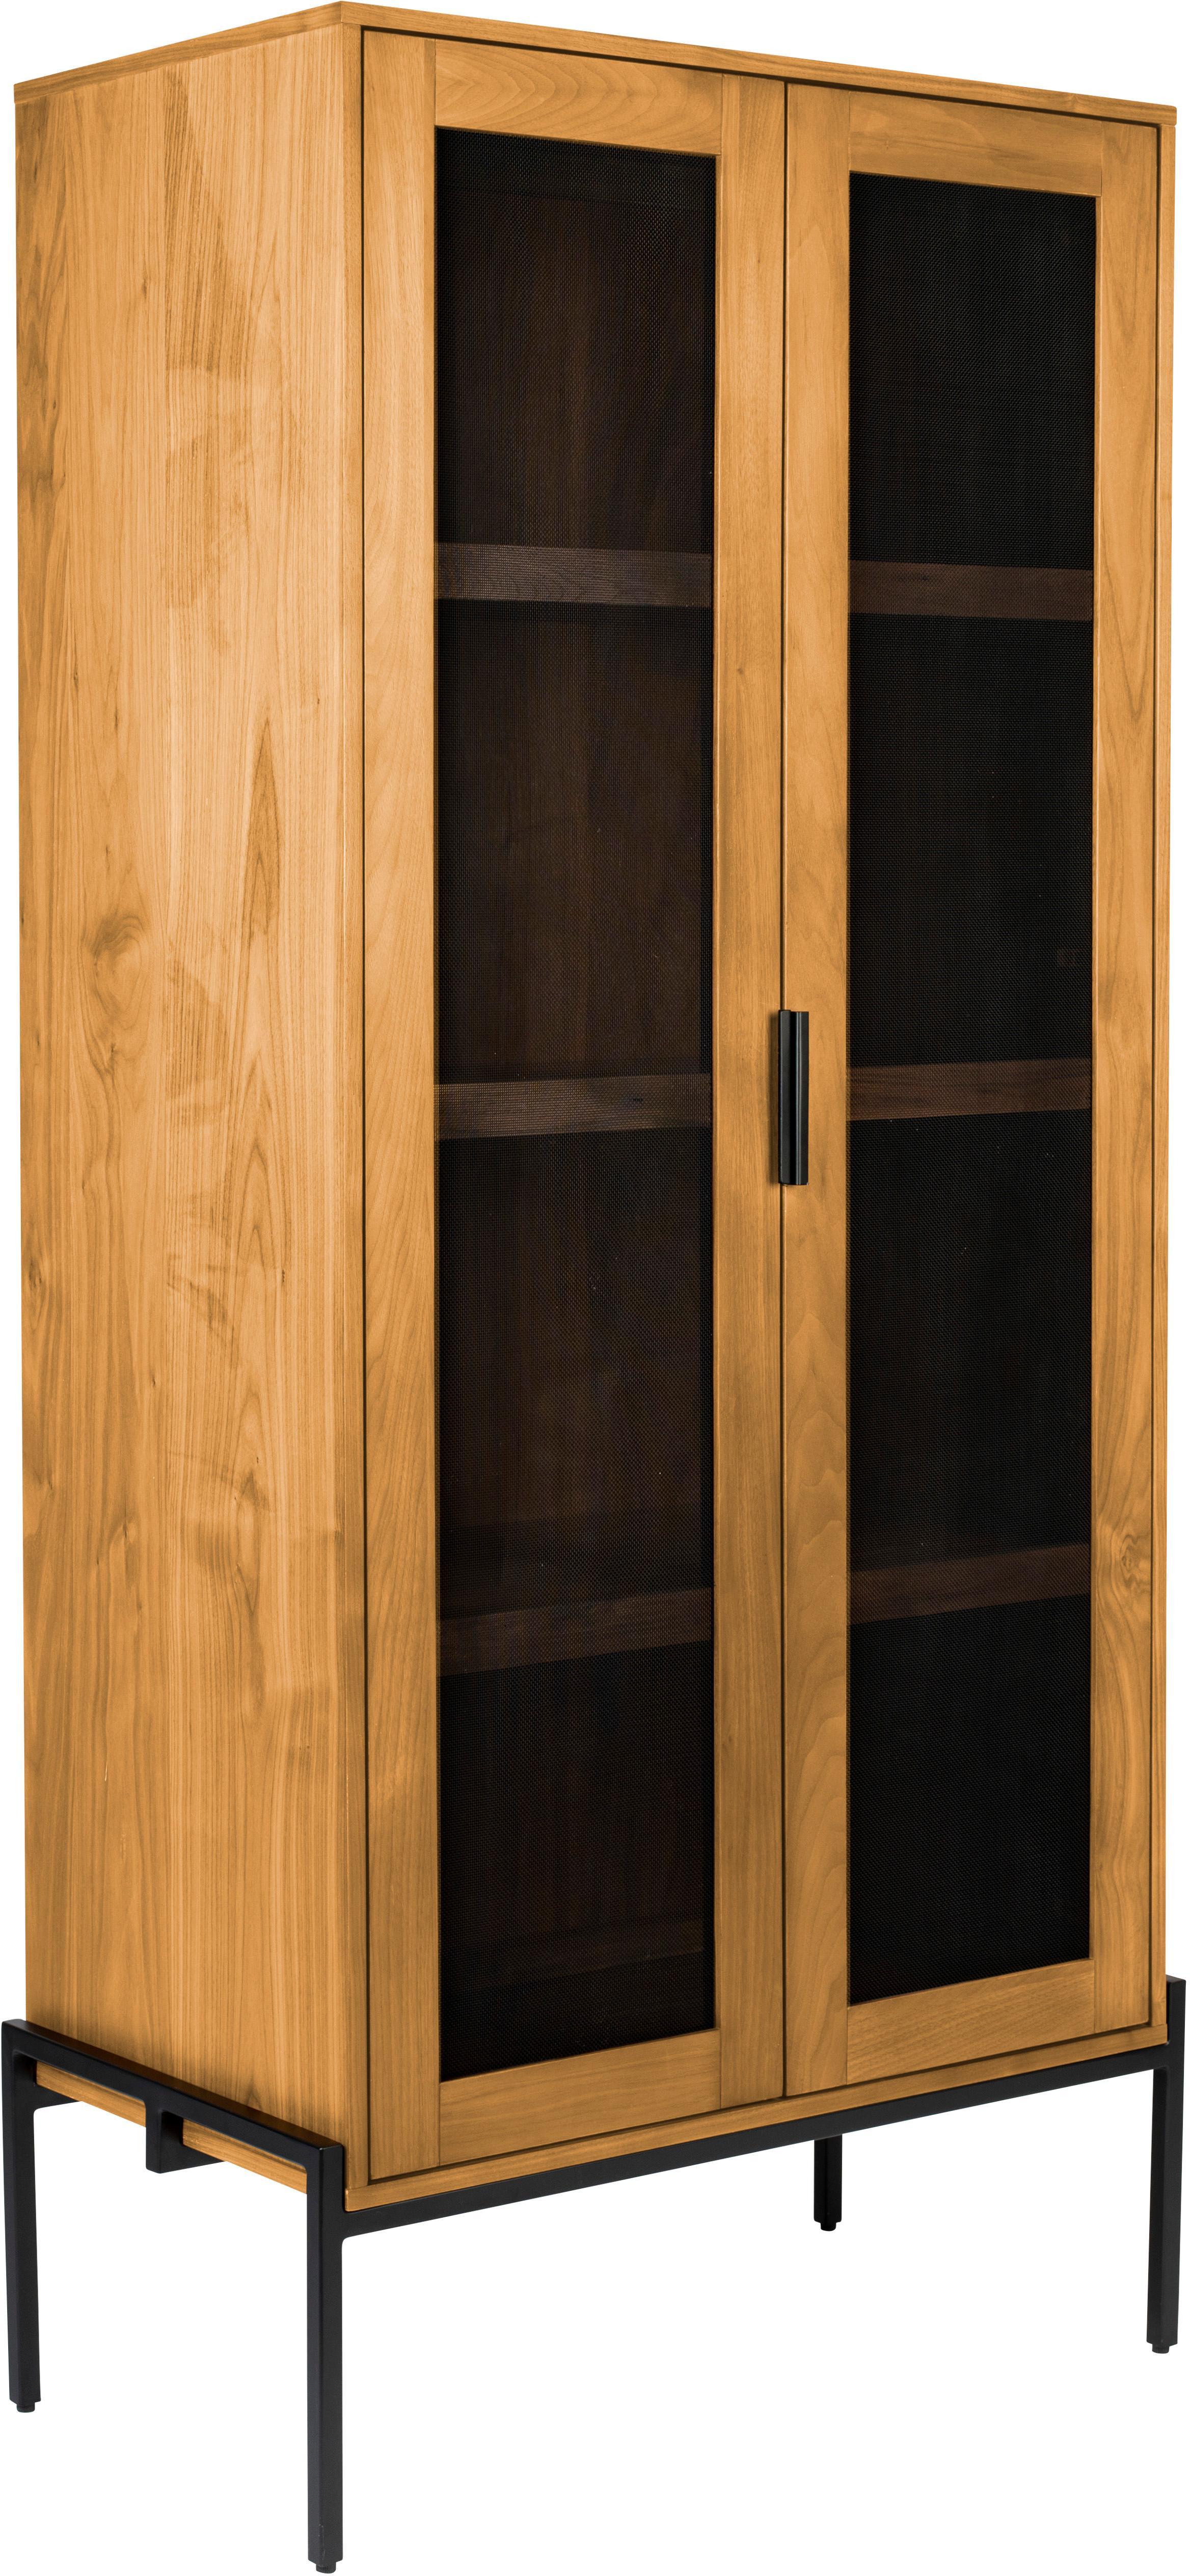 Highboard Hardy, Gestell: Mitteldichte Holzfaserpla, Beine: Metall, beschichtet, Eichenholz, Schwarz, 80 x 180 cm